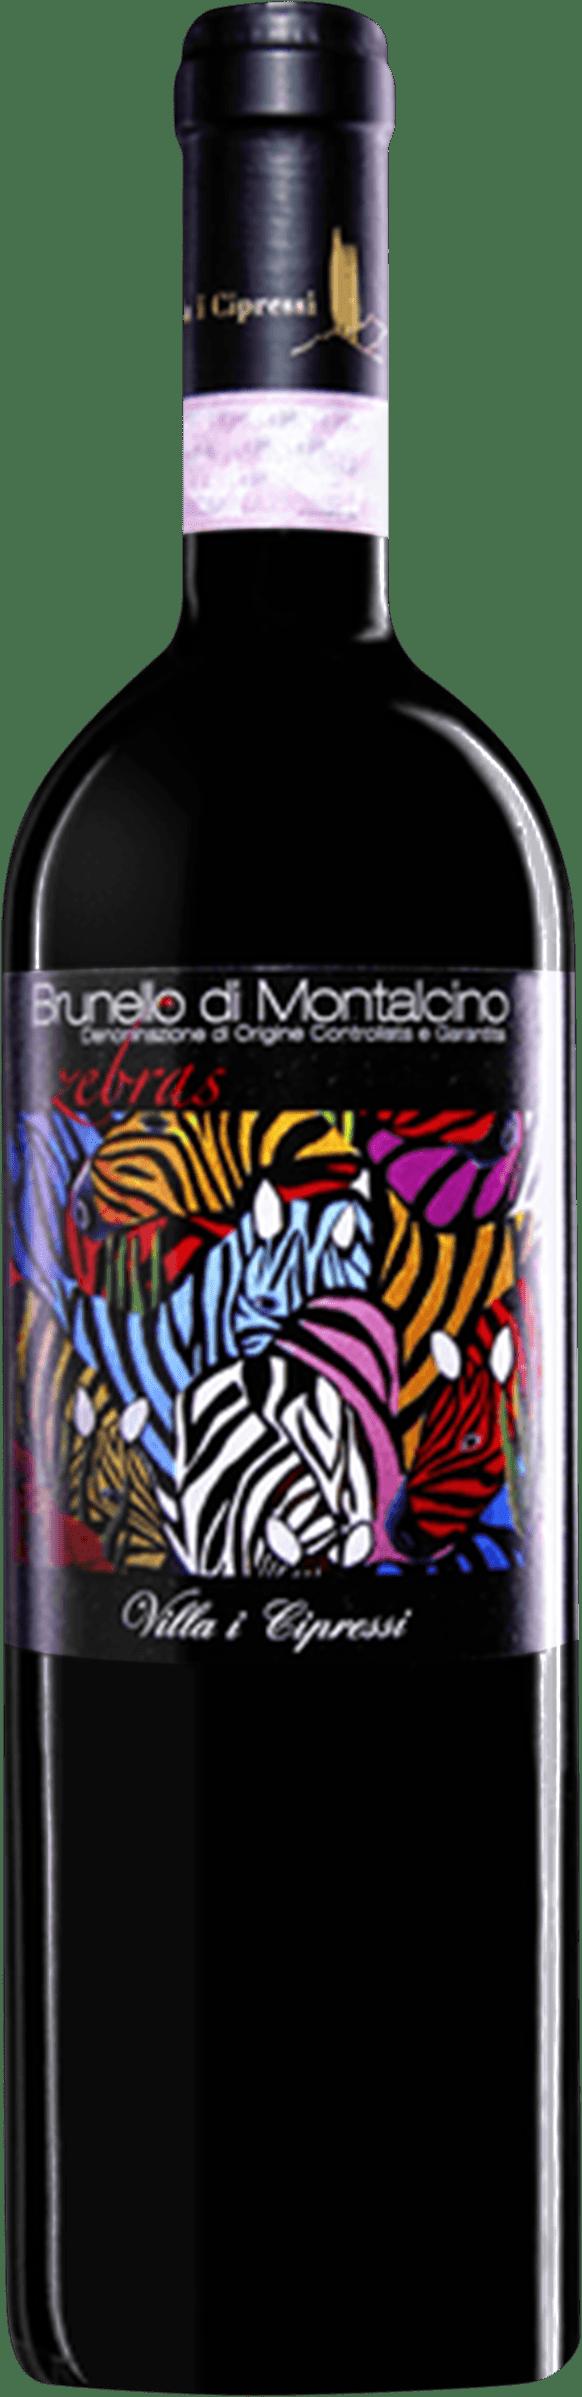 2016 Villa I Cipressi Zebras Brunello Di Montalcino